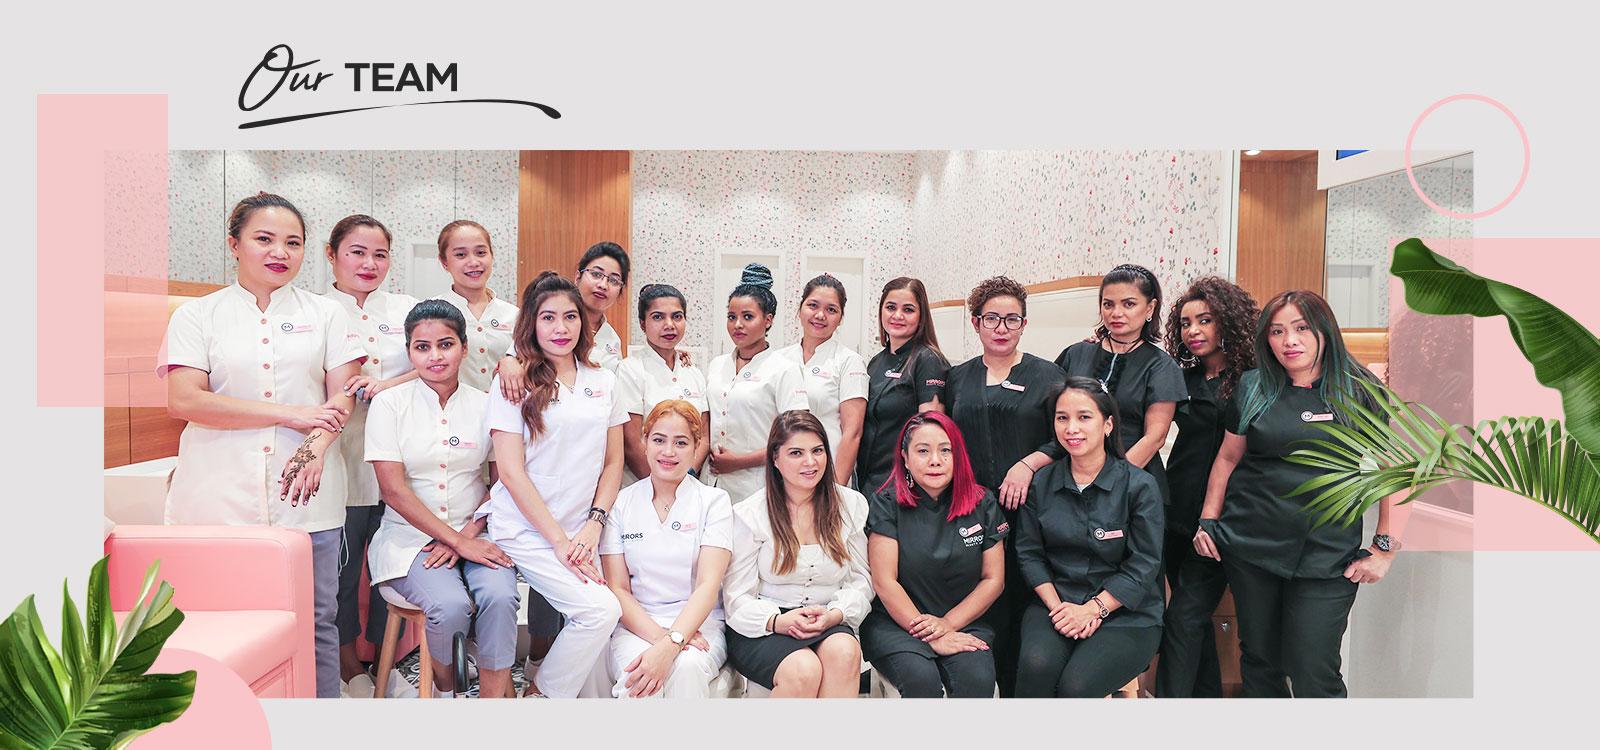 IBN Battuta Salon Staff